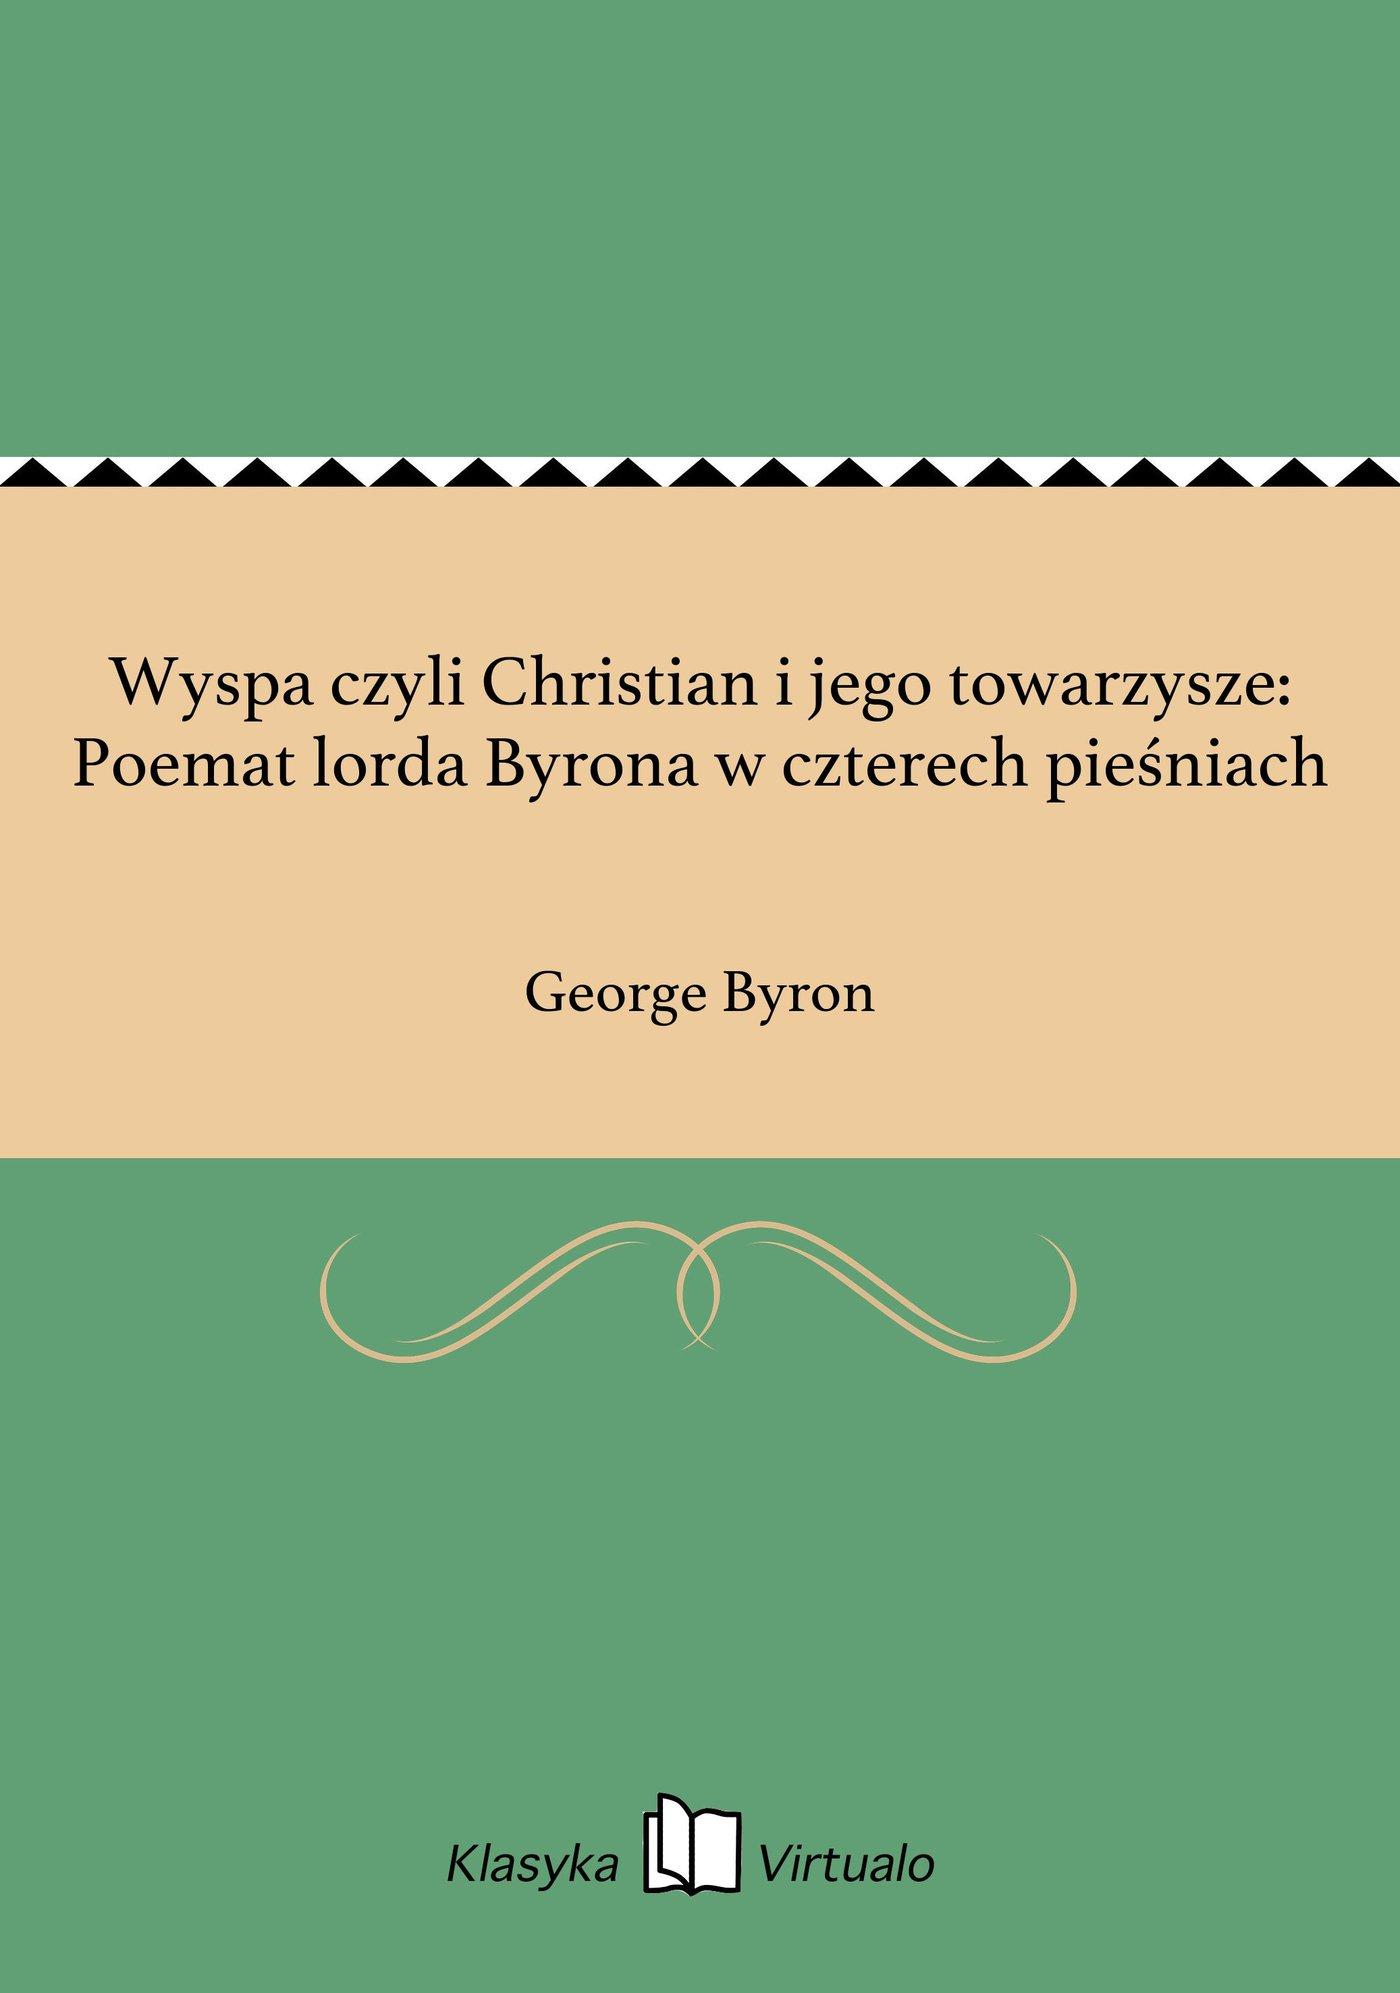 Wyspa czyli Christian i jego towarzysze: Poemat lorda Byrona w czterech pieśniach - Ebook (Książka EPUB) do pobrania w formacie EPUB